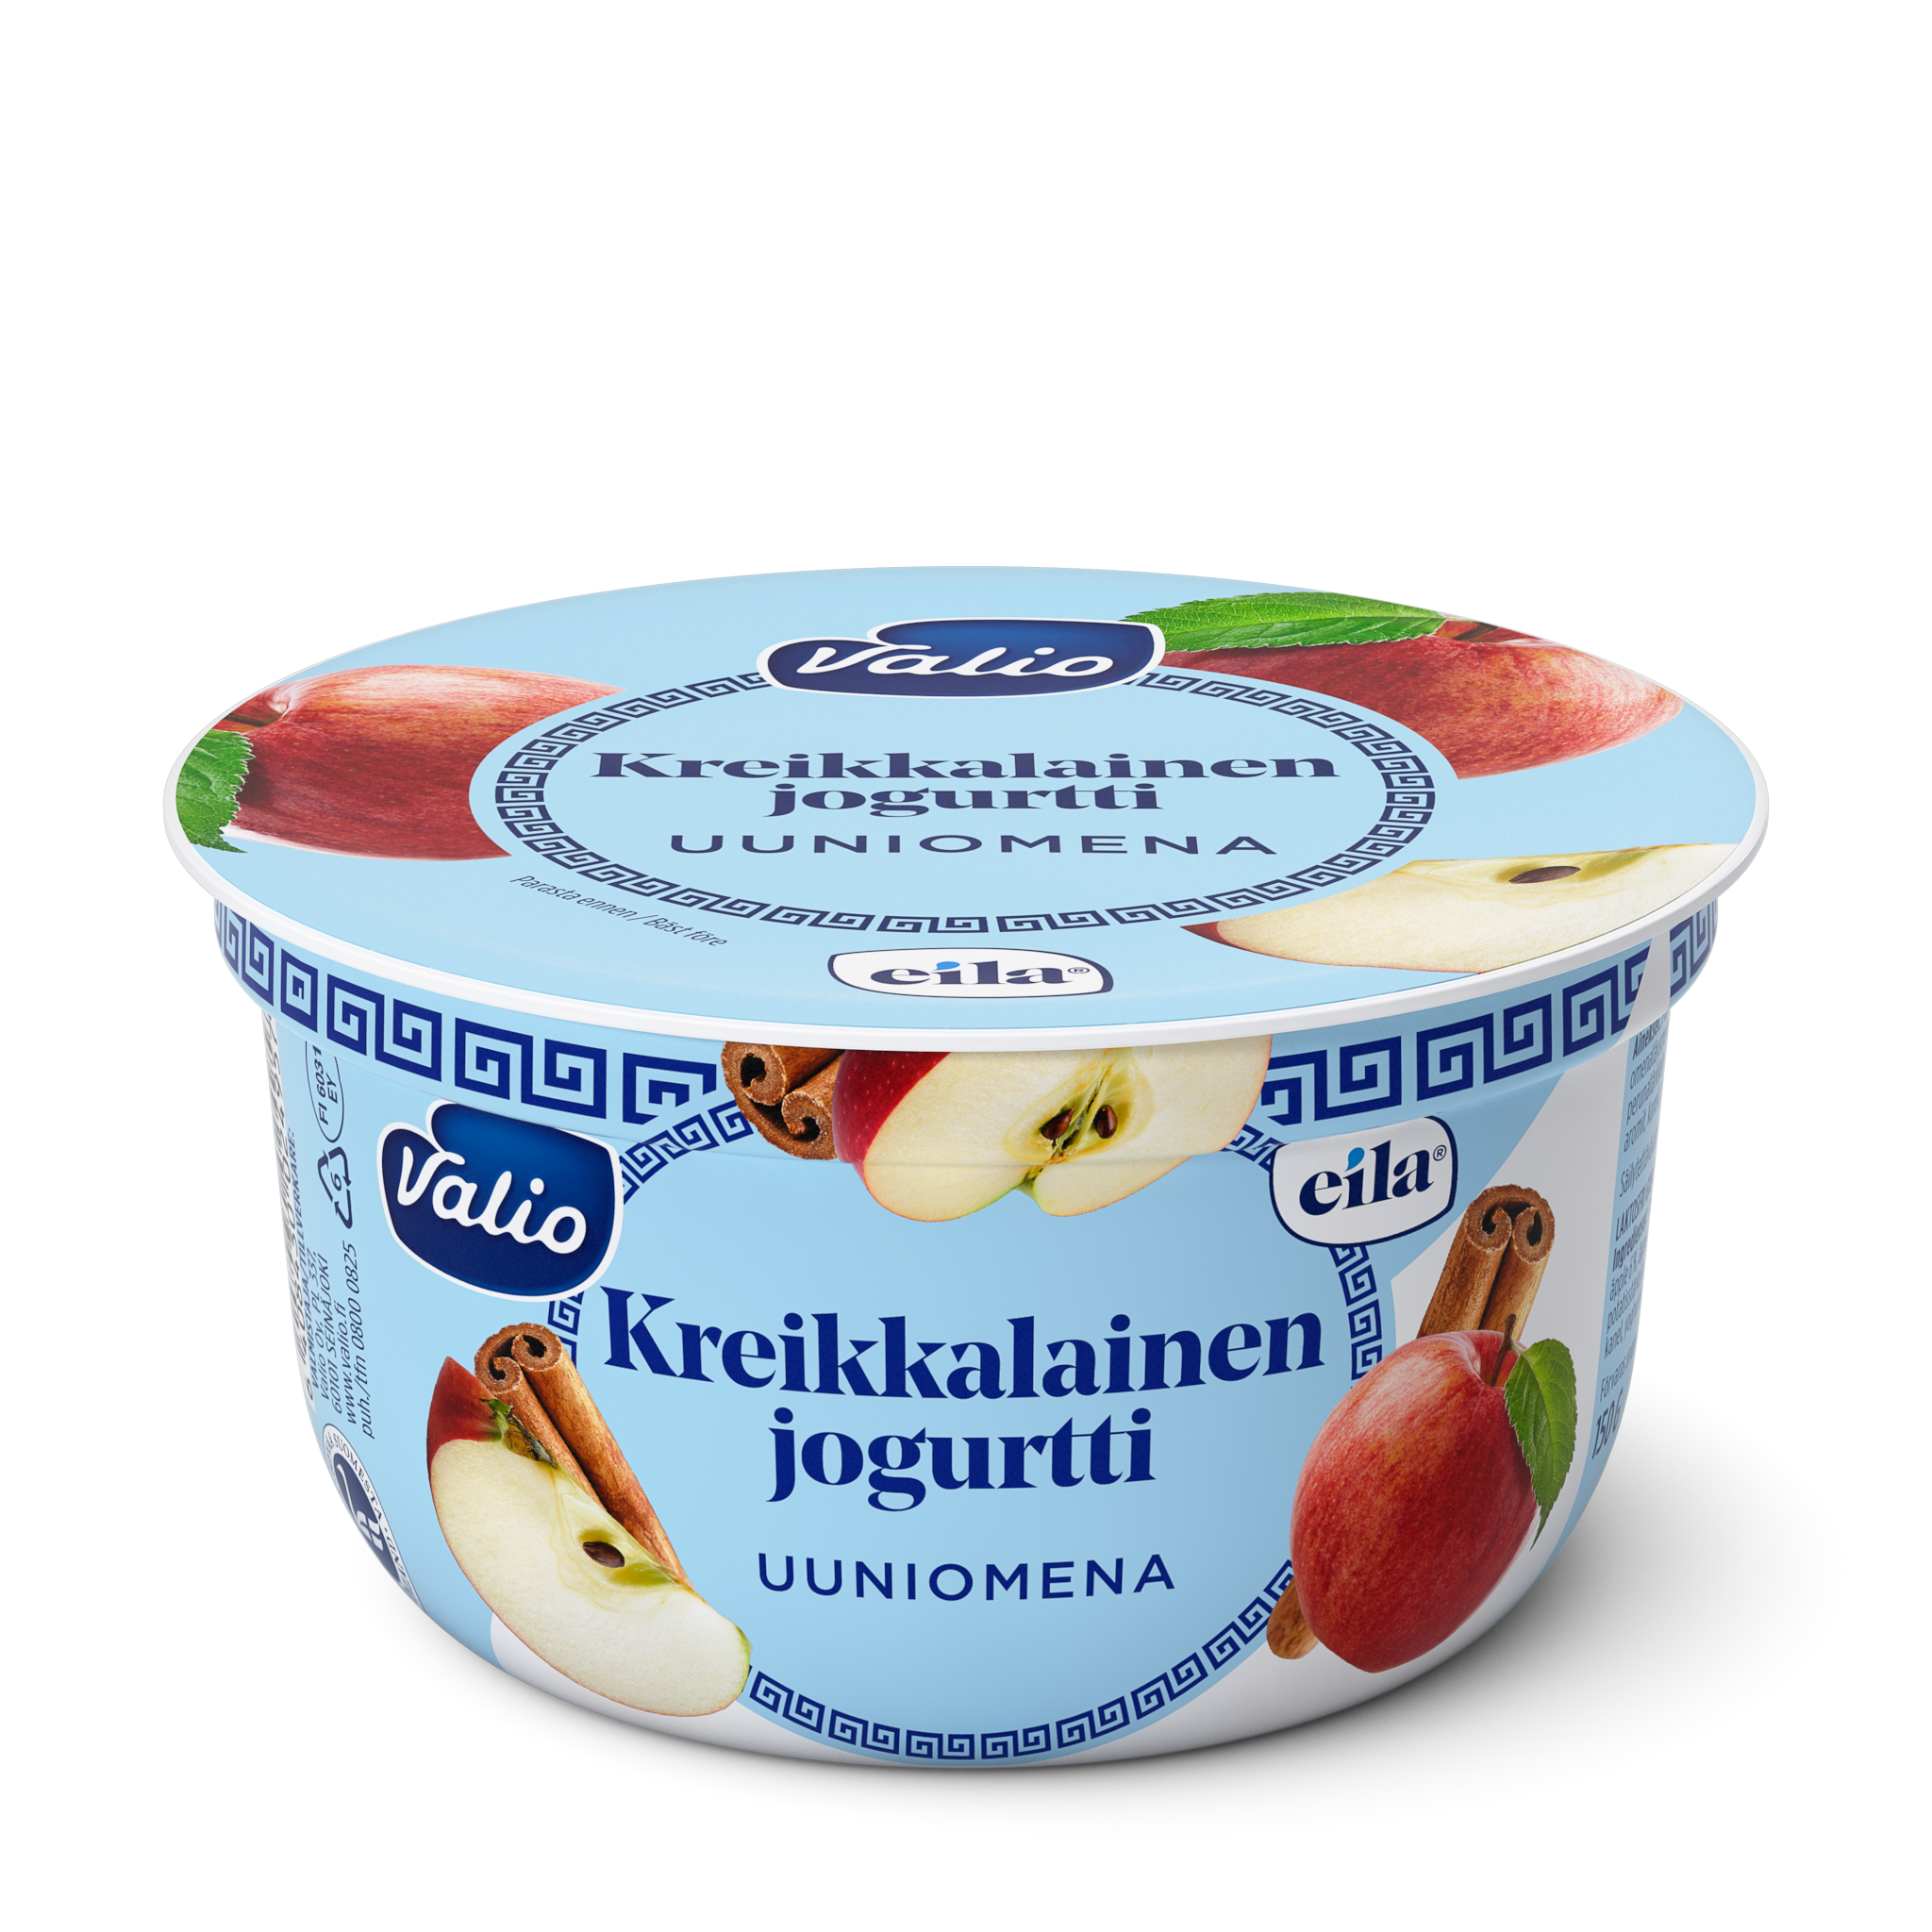 Valio kreikkalainen jogurtti uuniomena laktoositon